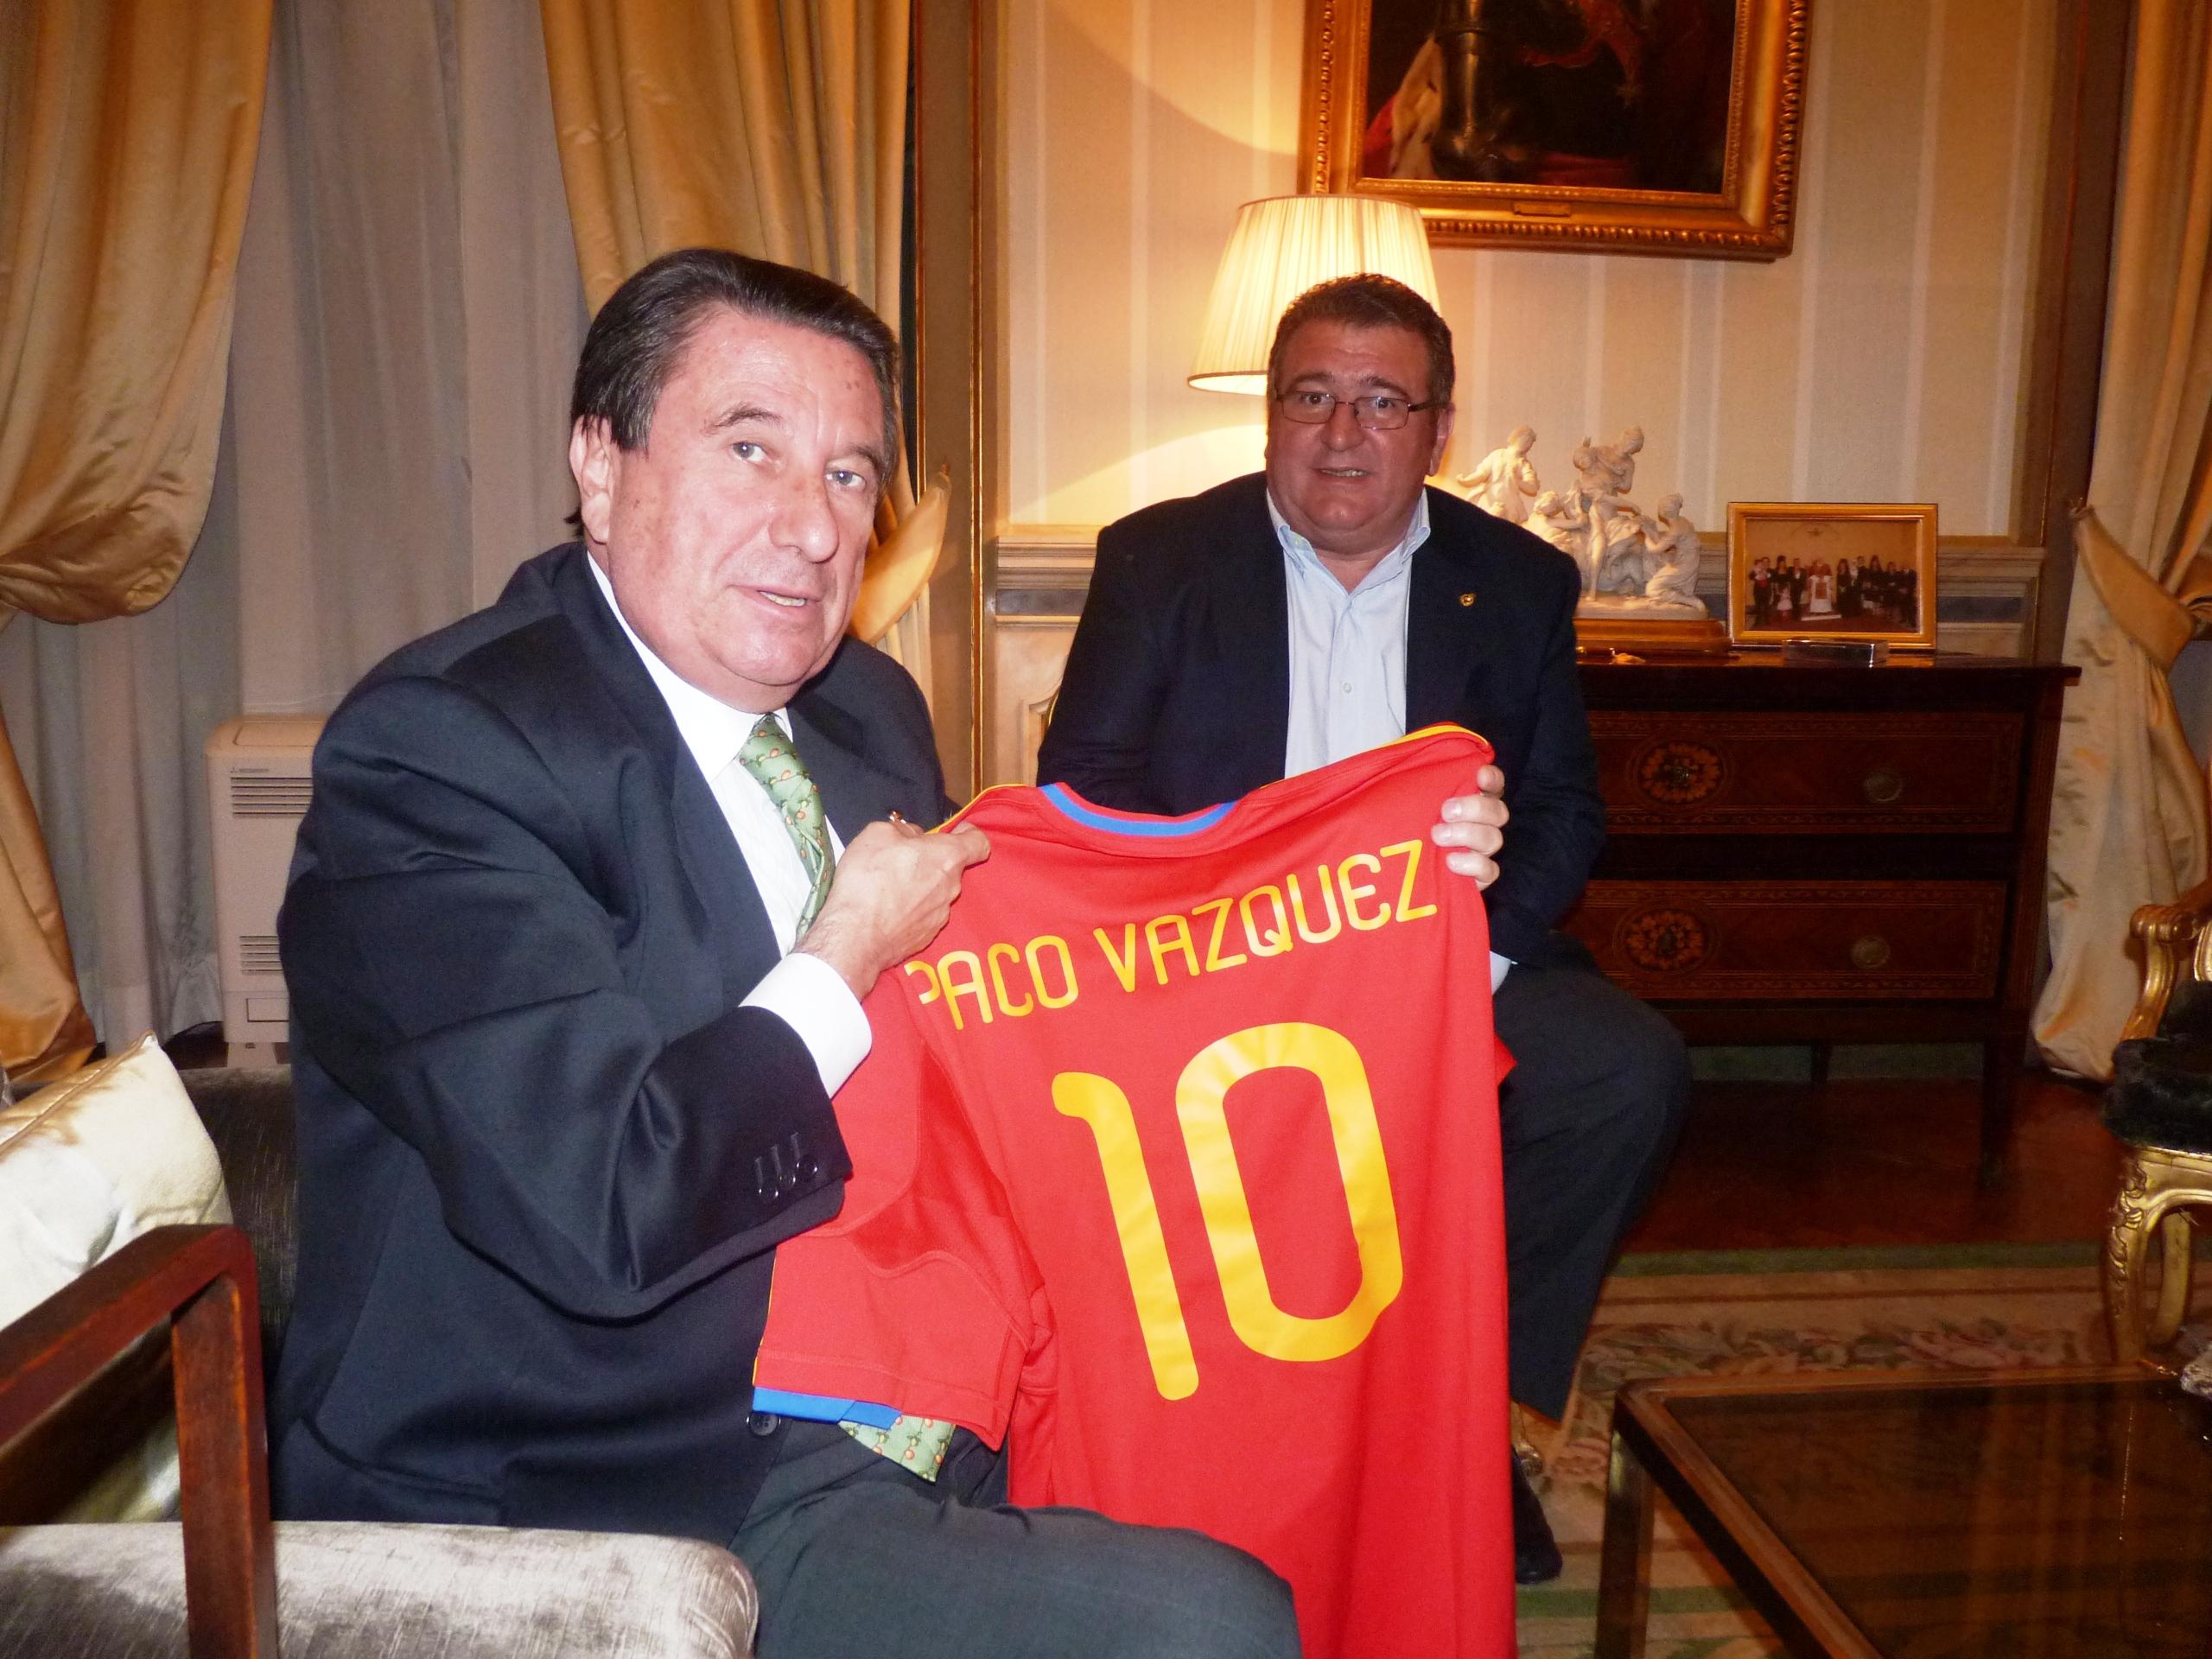 Con Francisco Vázquez, embajador de España ante la Santa Sede, en Roma.